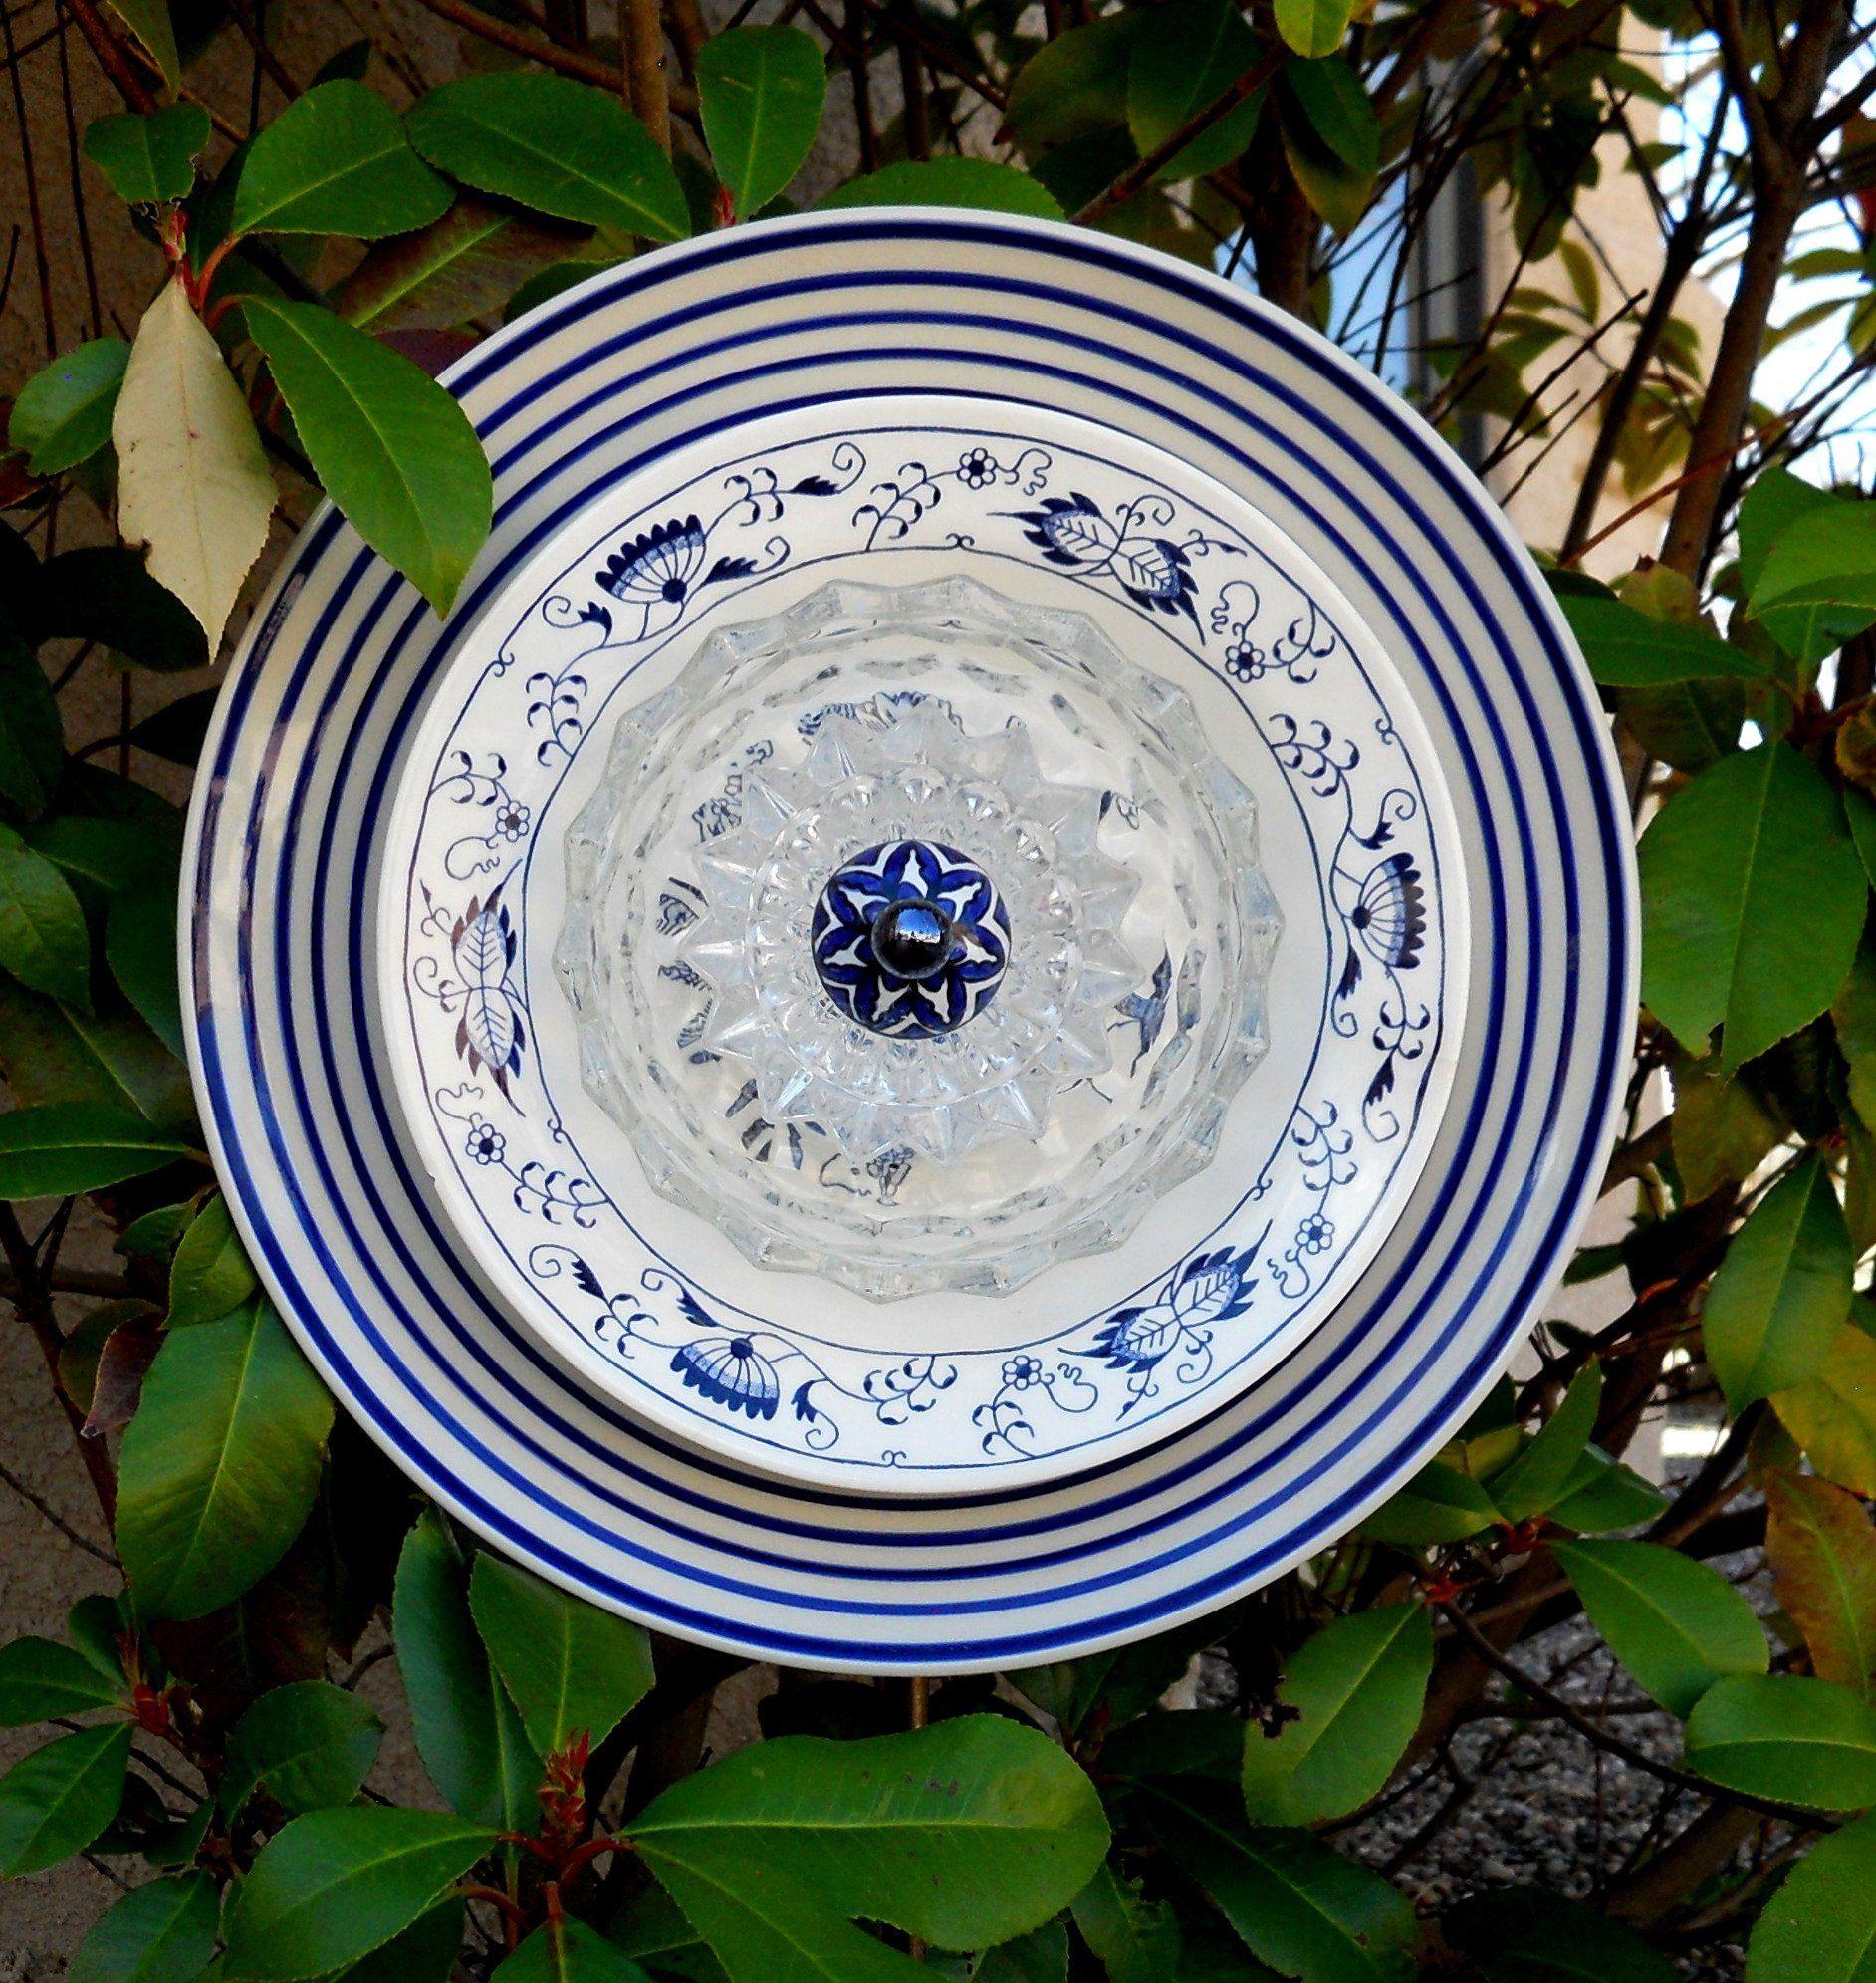 Yard Art Plate Flower, Decorative Garden Art, Recycled